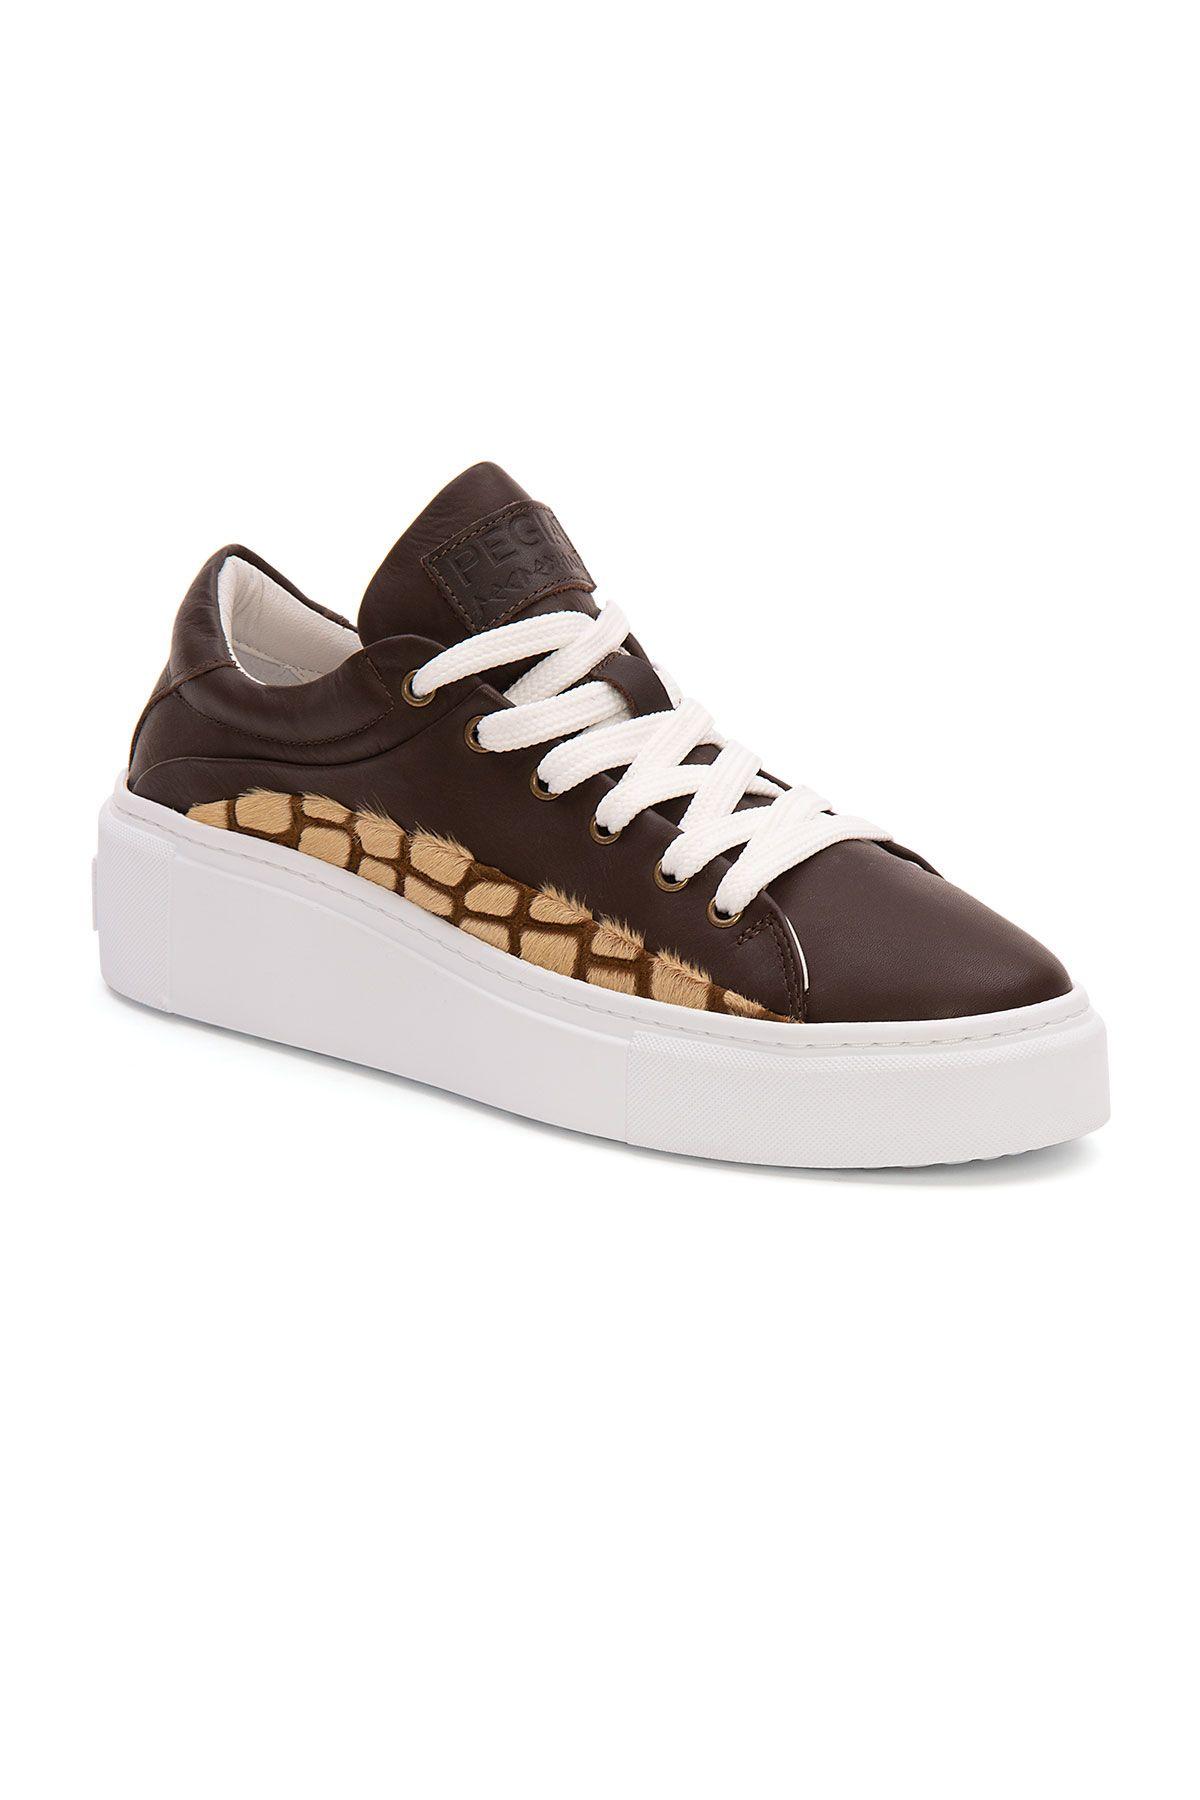 Pegia Genuine Leather Women's Sneaker LA1625 Brown